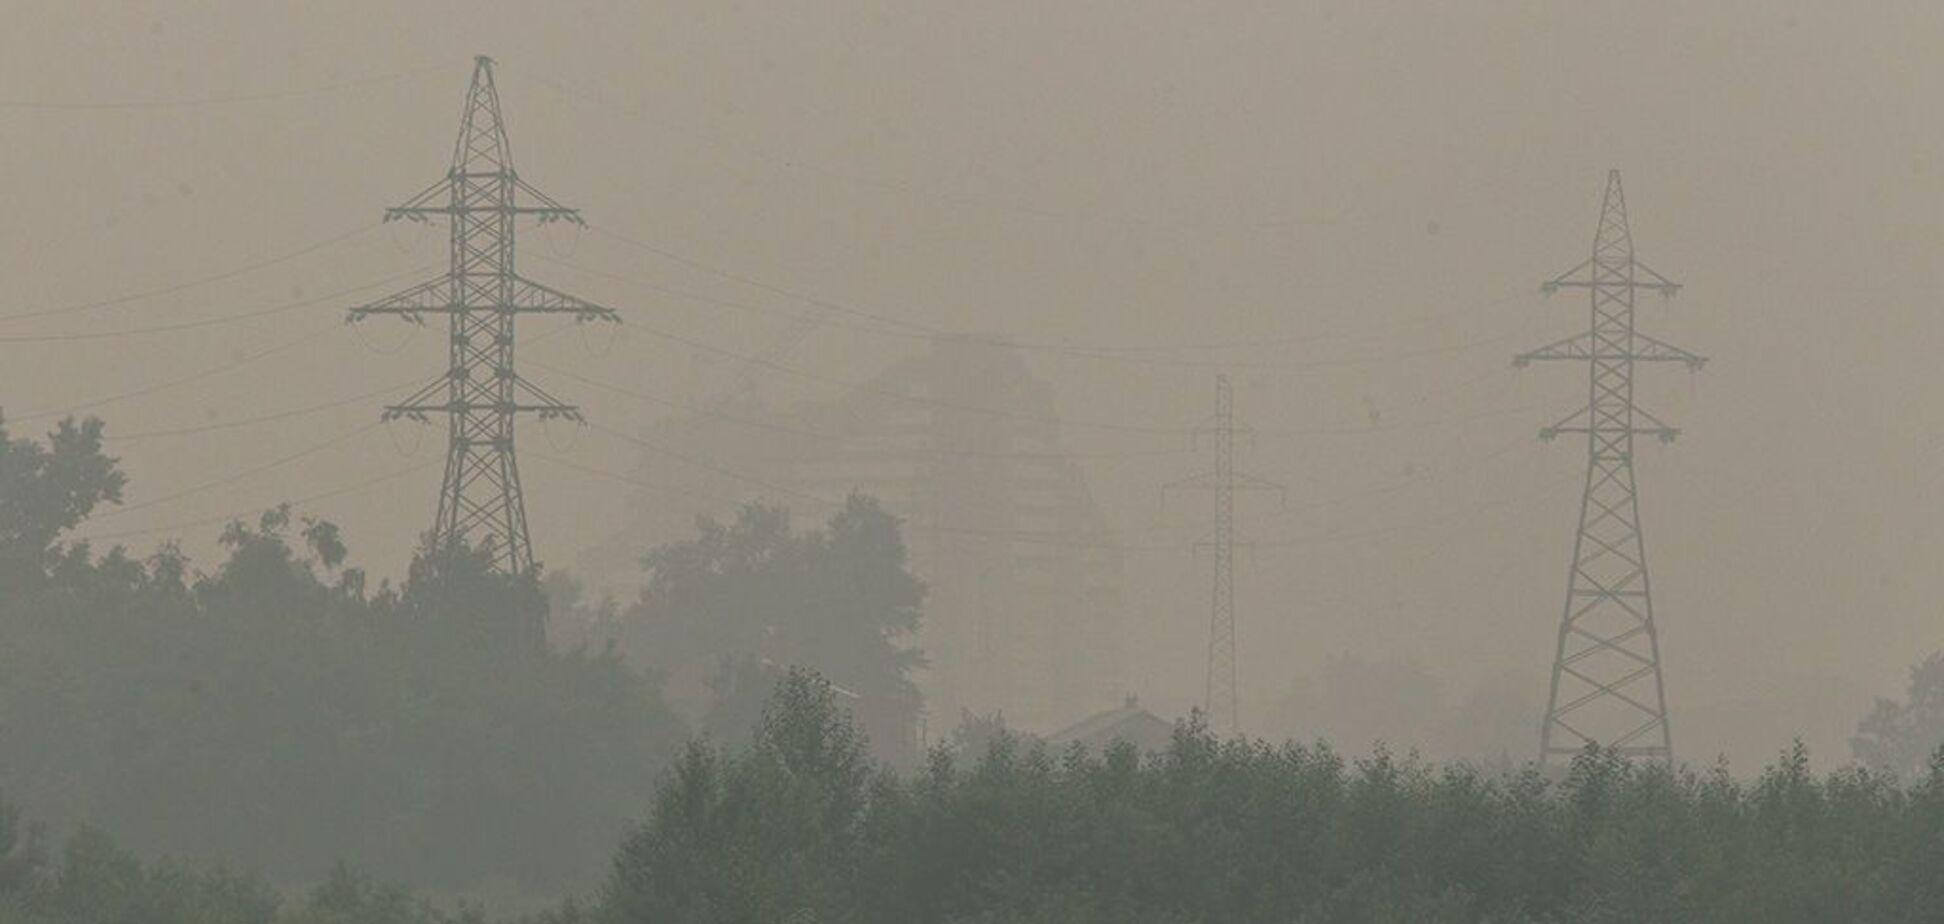 'Вітер несе кислоту': на Херсонщині запанікували через ''хіматаку ''